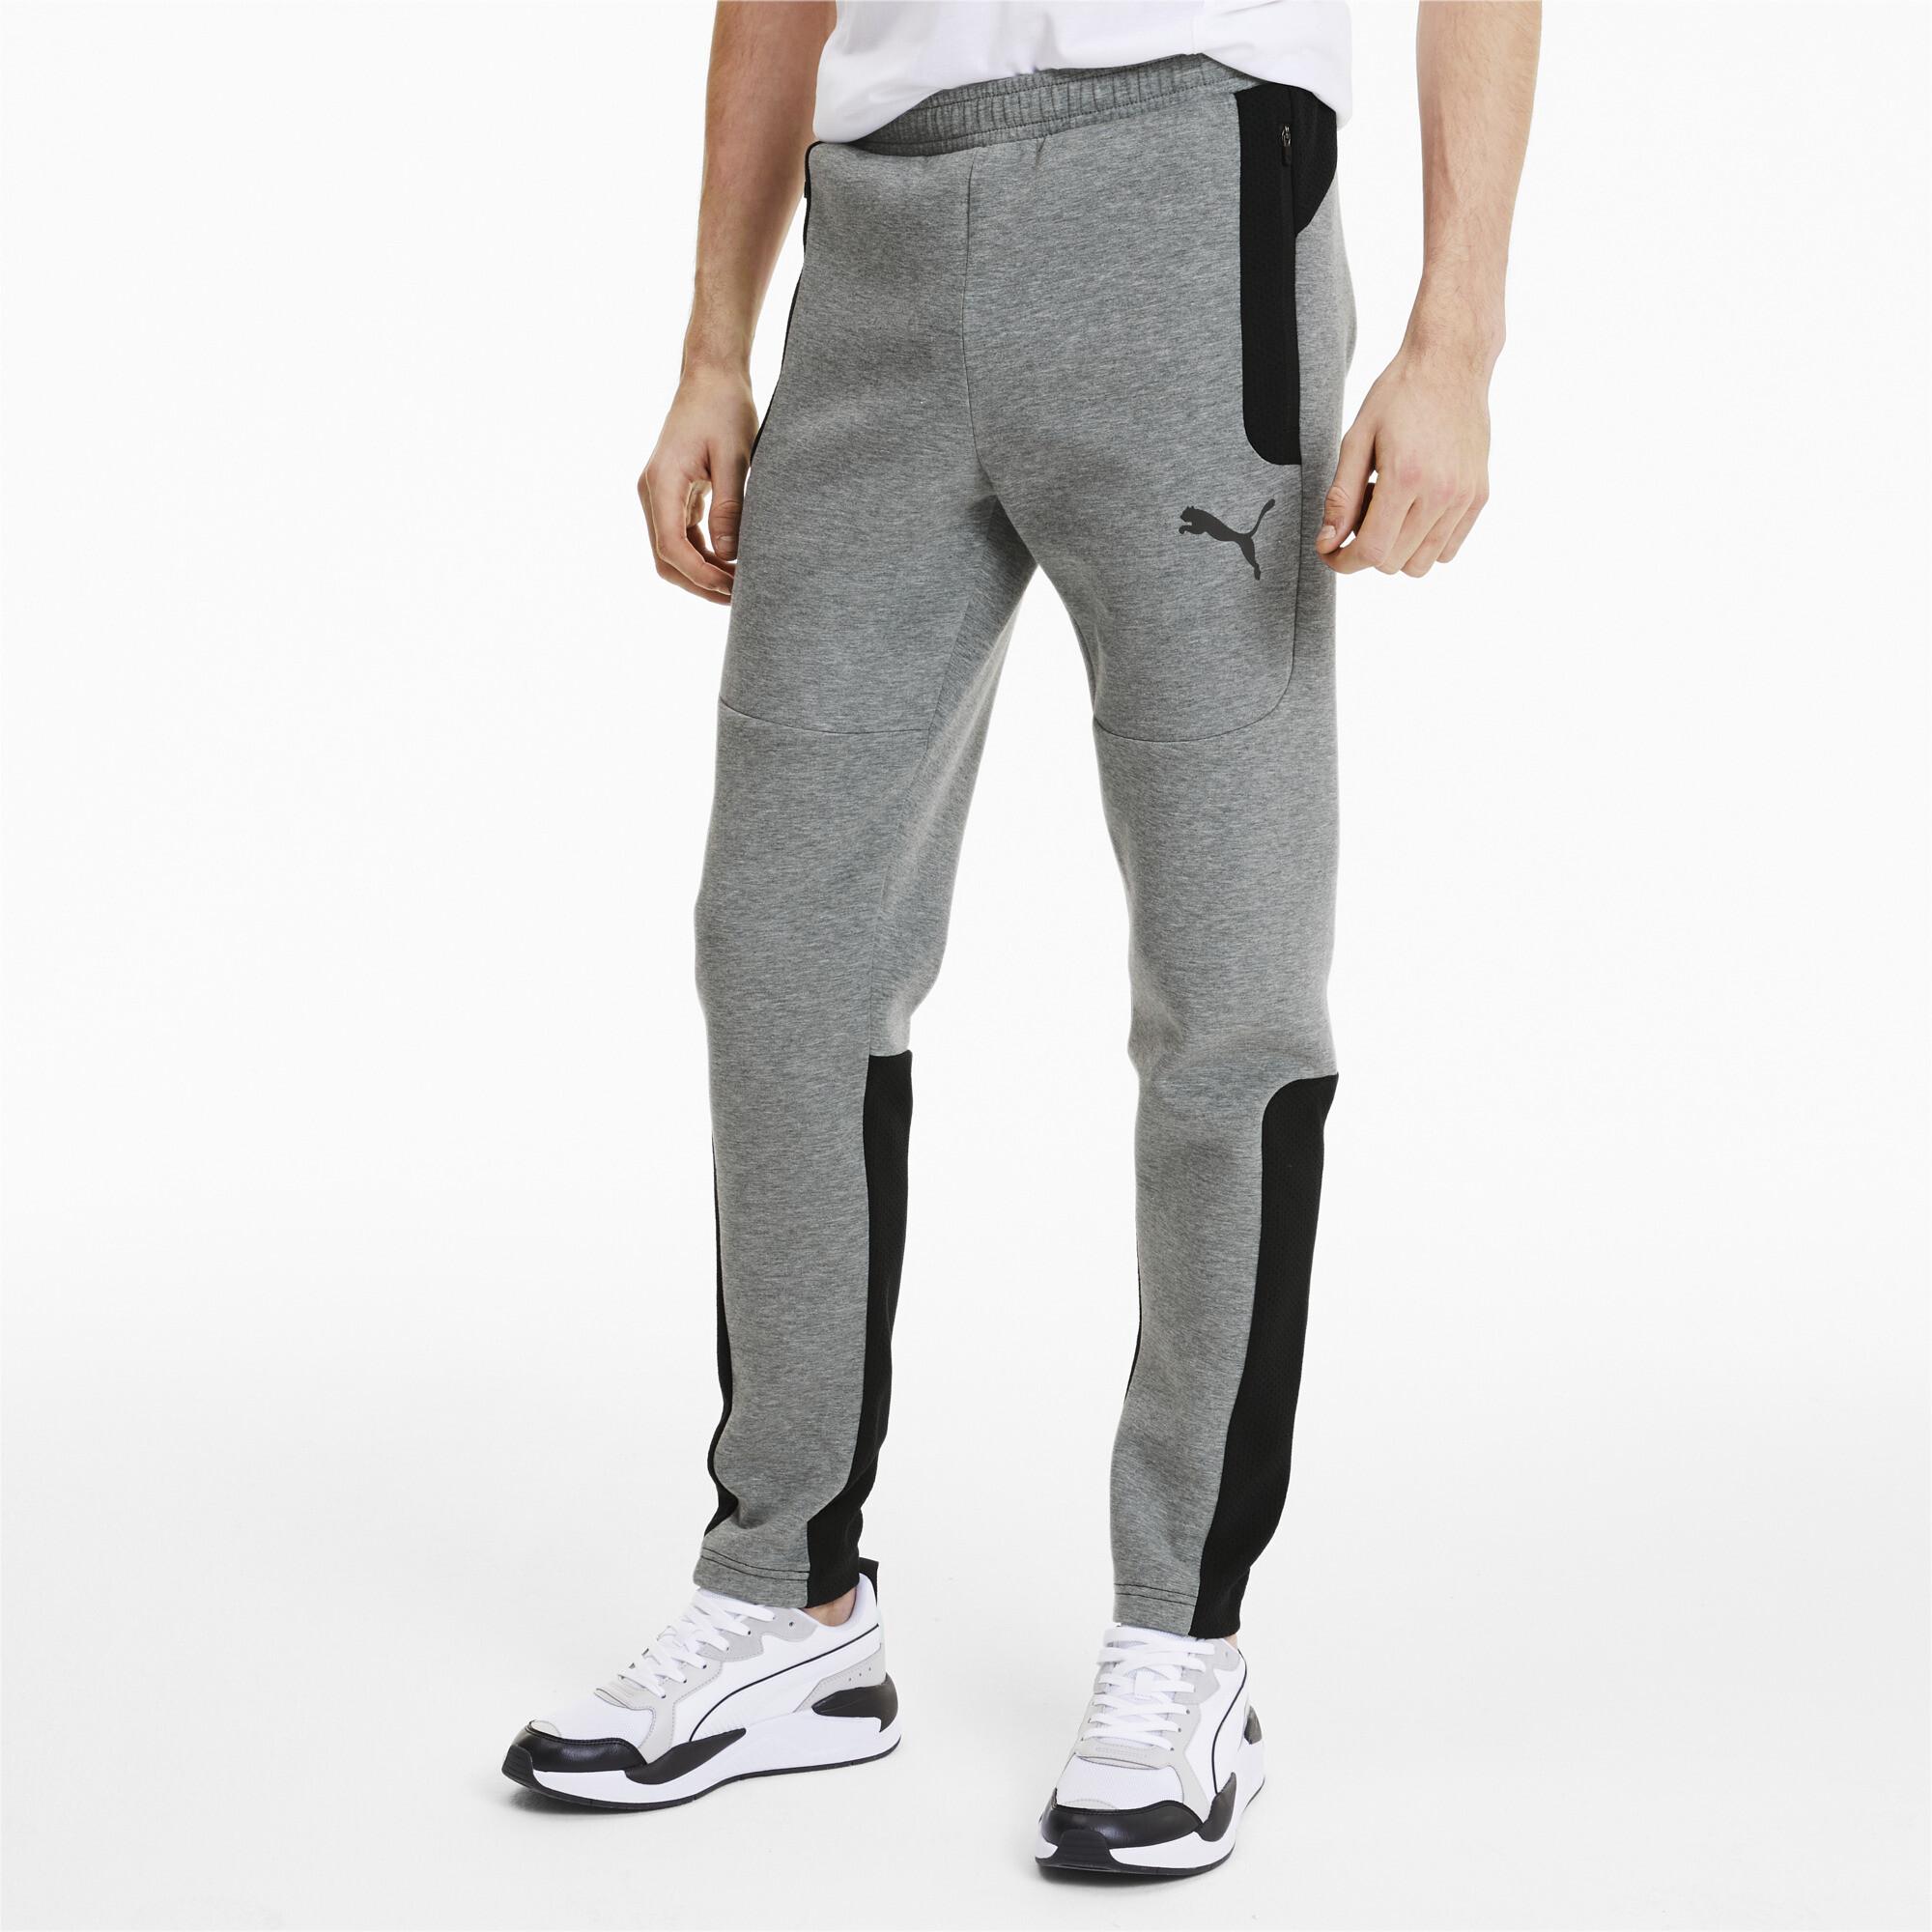 PUMA-Evostripe-Men-039-s-Sweatpants-Men-Knitted-Pants-Basics thumbnail 10